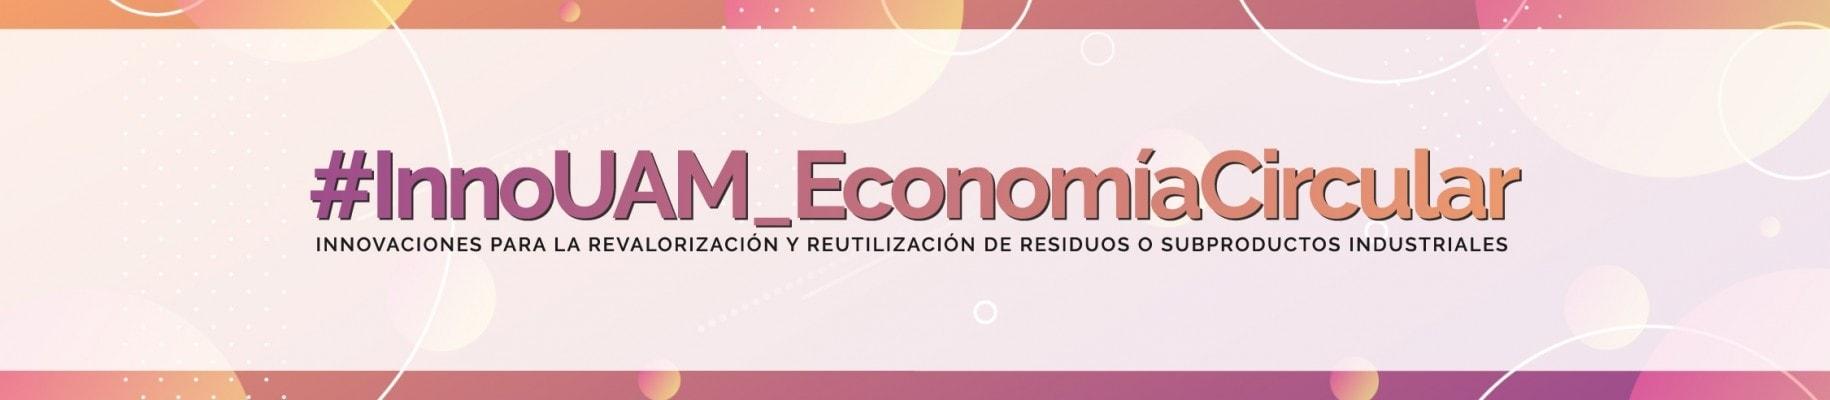 Logo con el nombre del evento sobre economía circular en el que participa Ferrovial Servicios en la Universidad complutense de madrid